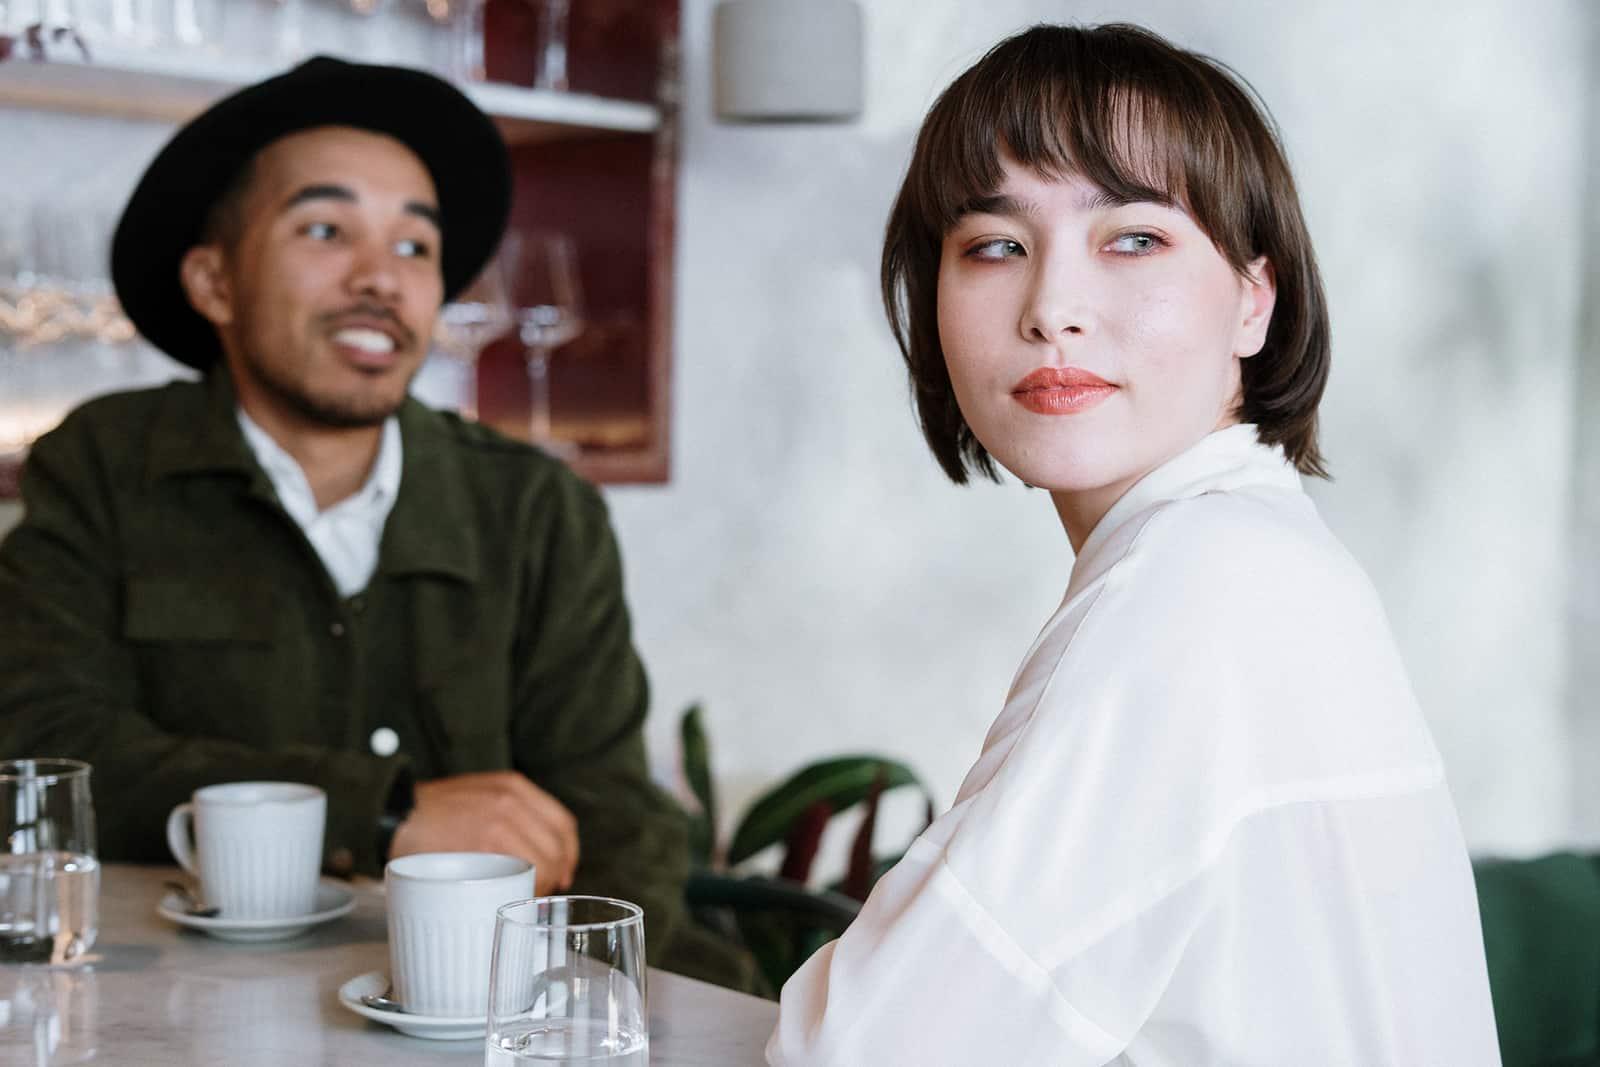 eine nachdenkliche Frau, die einen Kopf von einem Mann abwendet, der mit ihr spricht, während sie zusammen im Café sitzt